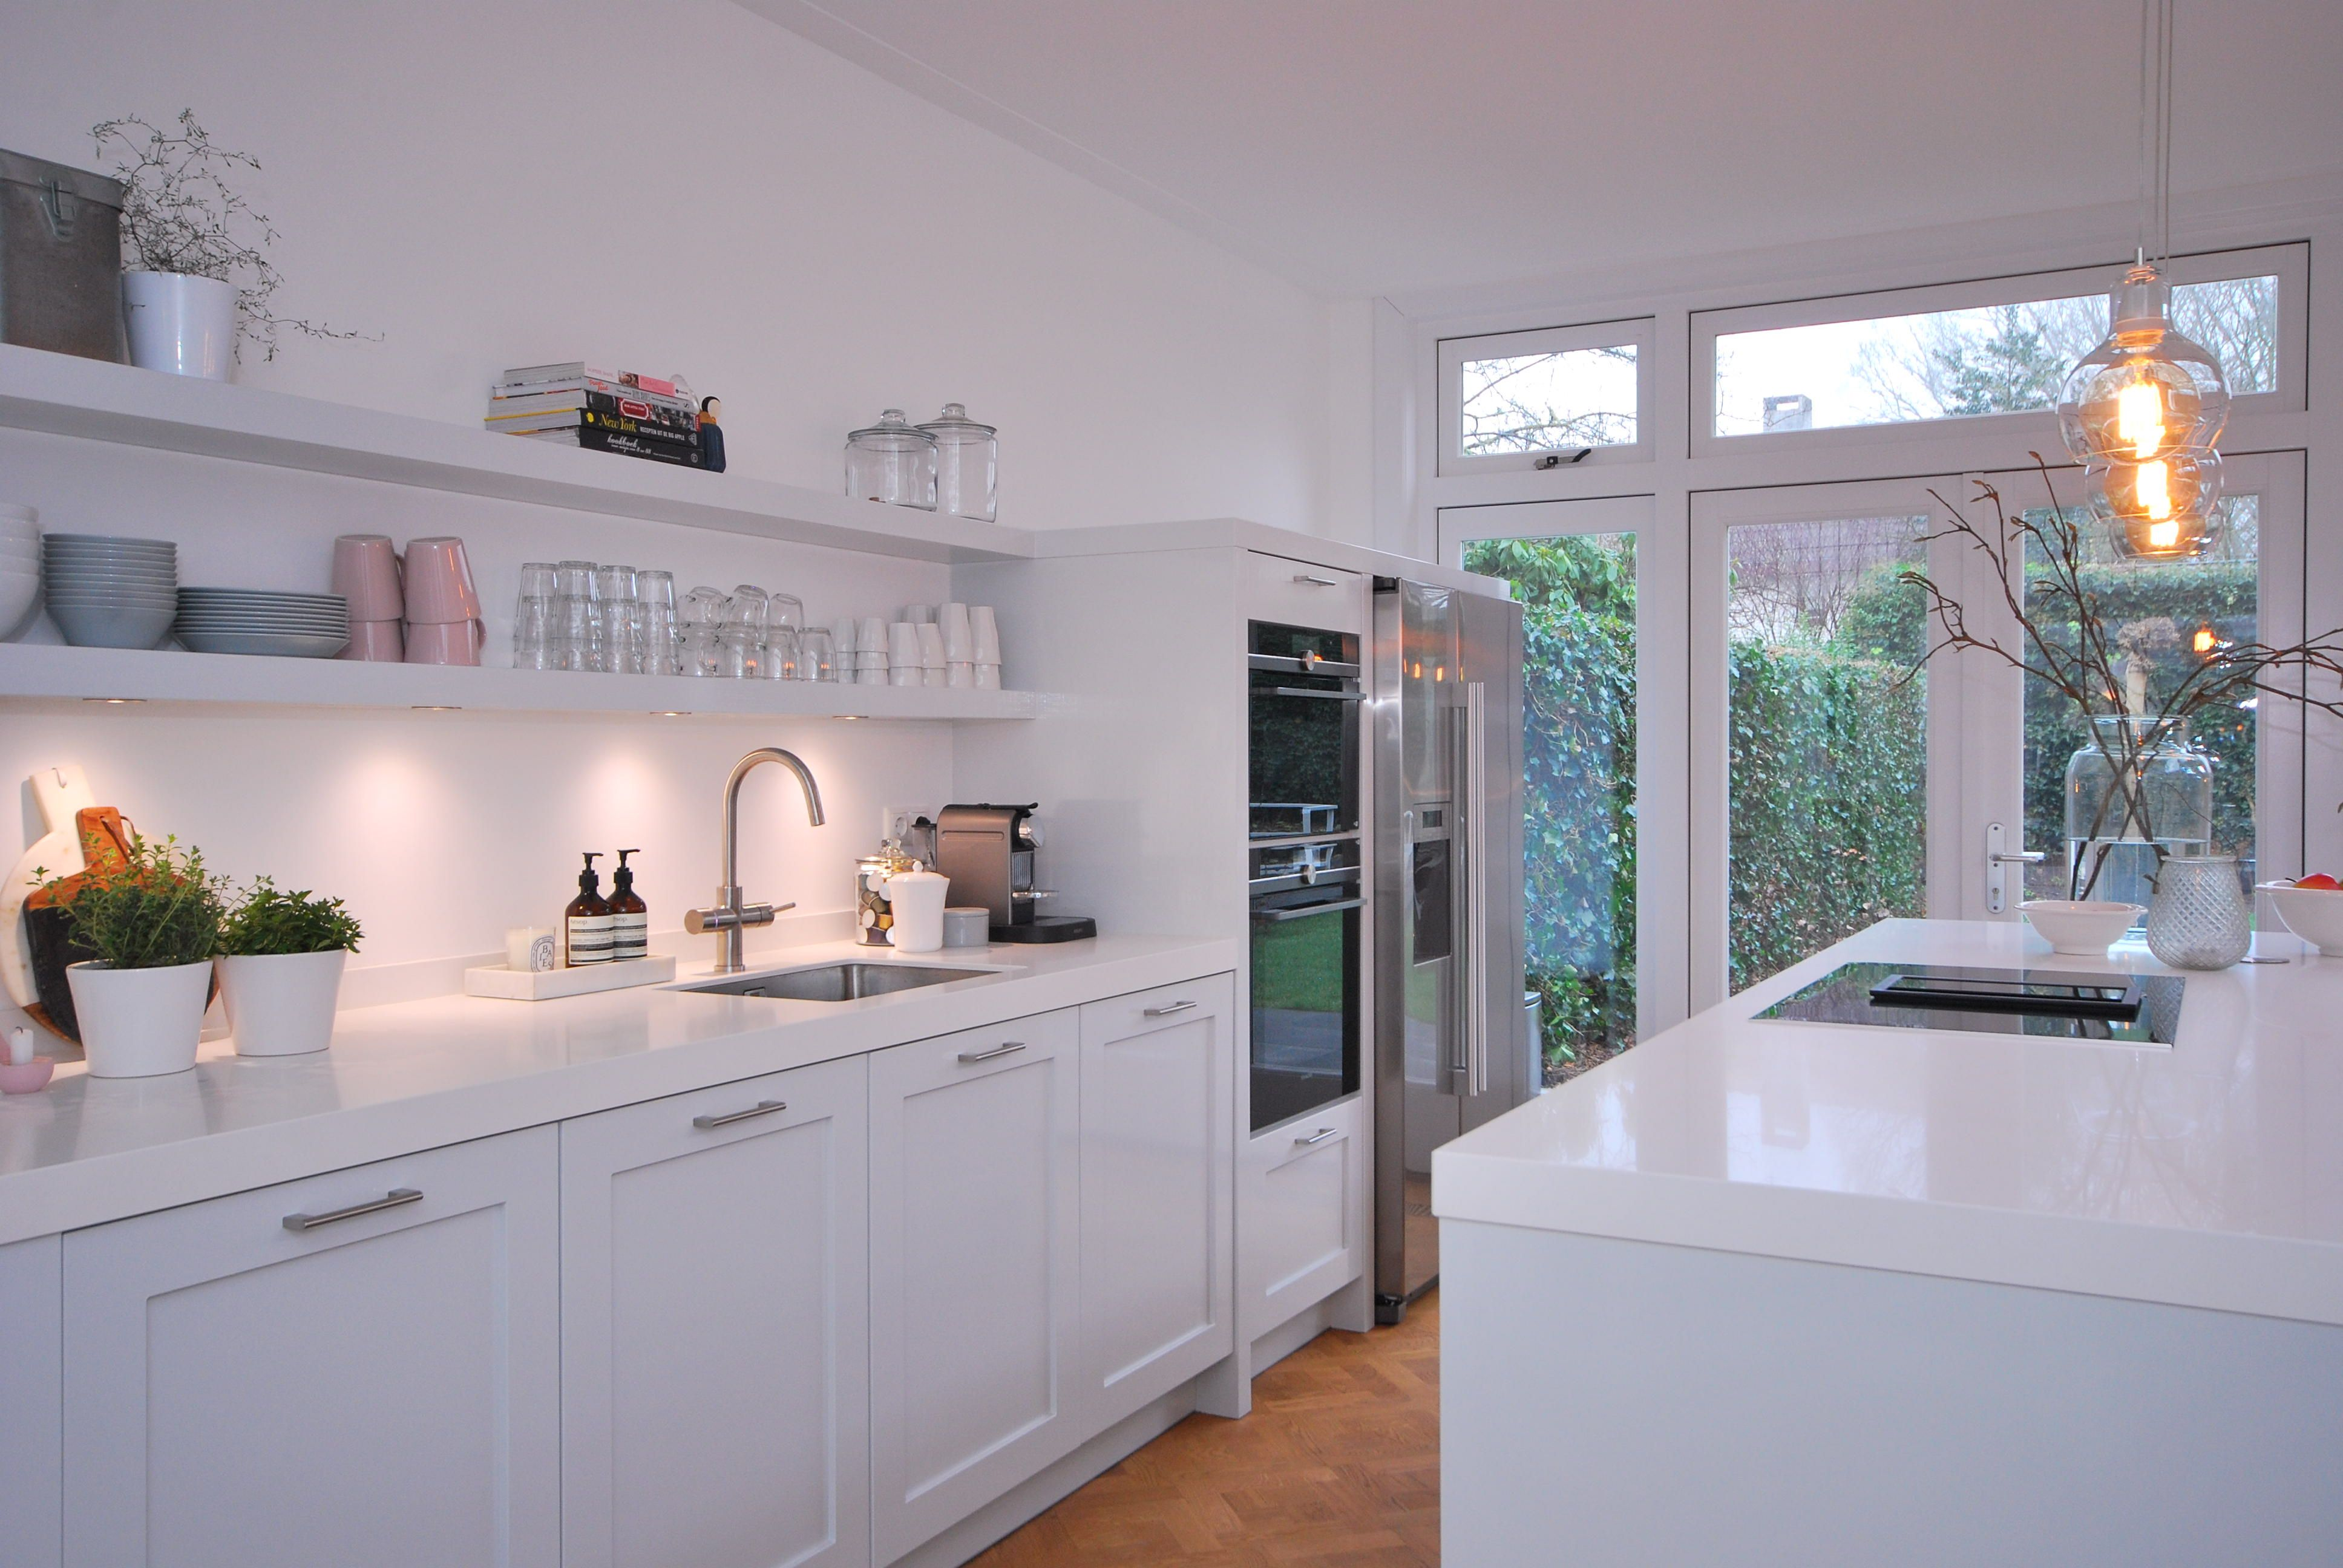 Home Design Keukens : Oplevering handgeschilderde woonkeuken soest in #soest hebben wij